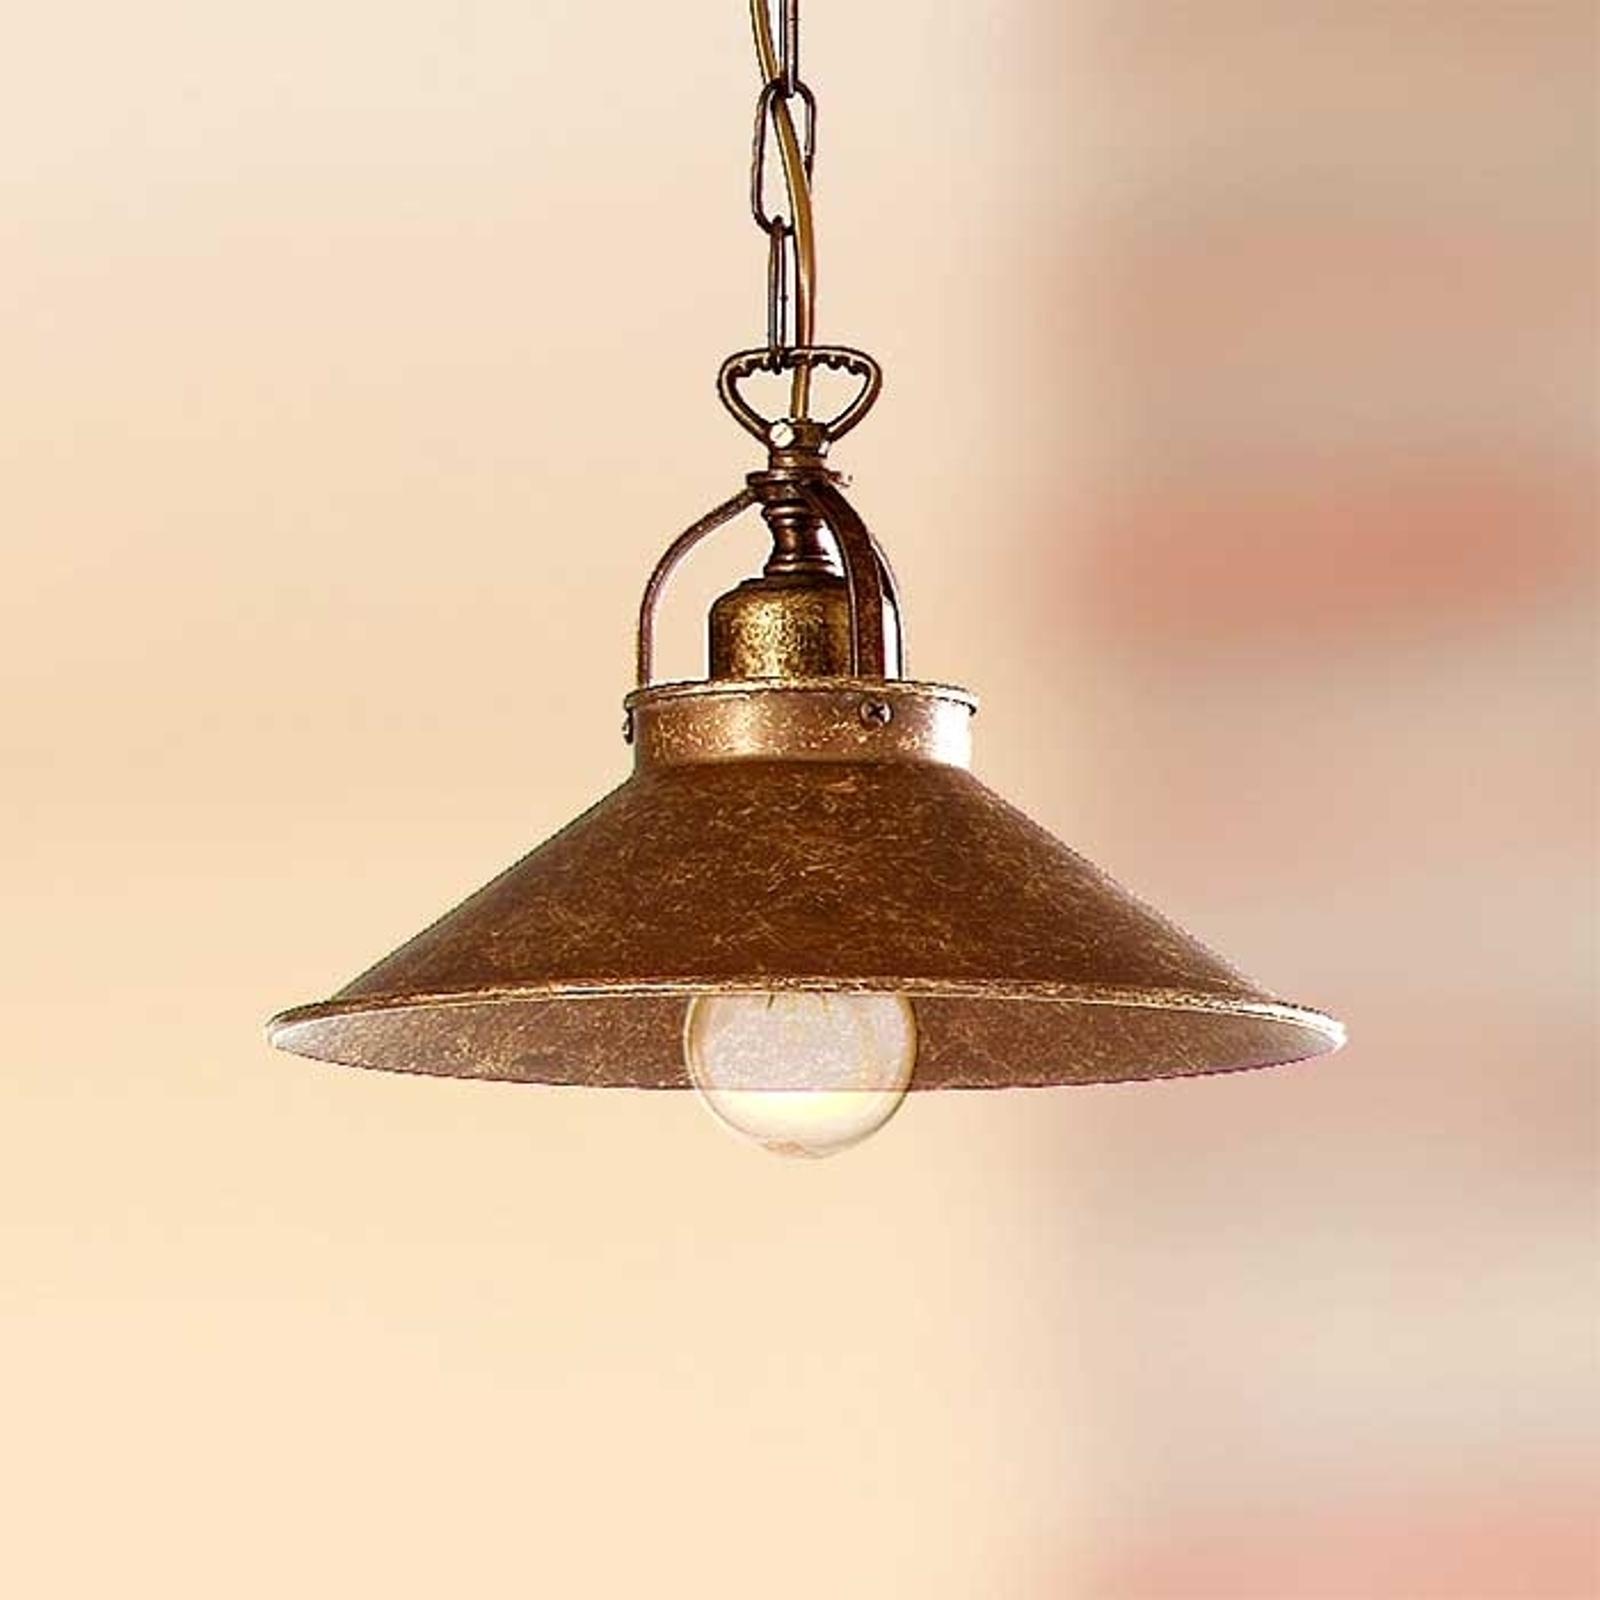 Lámpara colgante rústica BRUNO, 25 cm